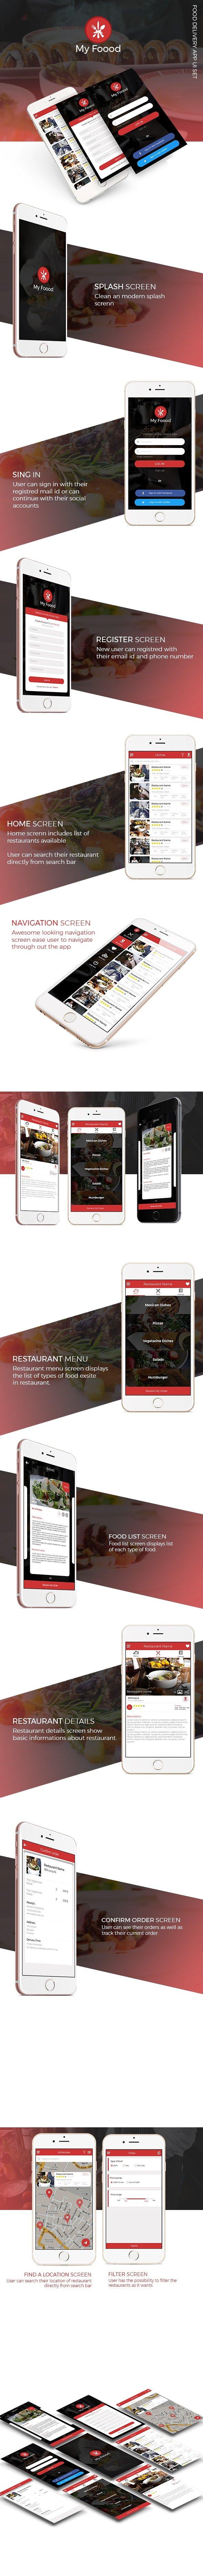 تصميم تطبيق موبايل للبحت عن أقرب المطاعم وكذا طلب الطعام